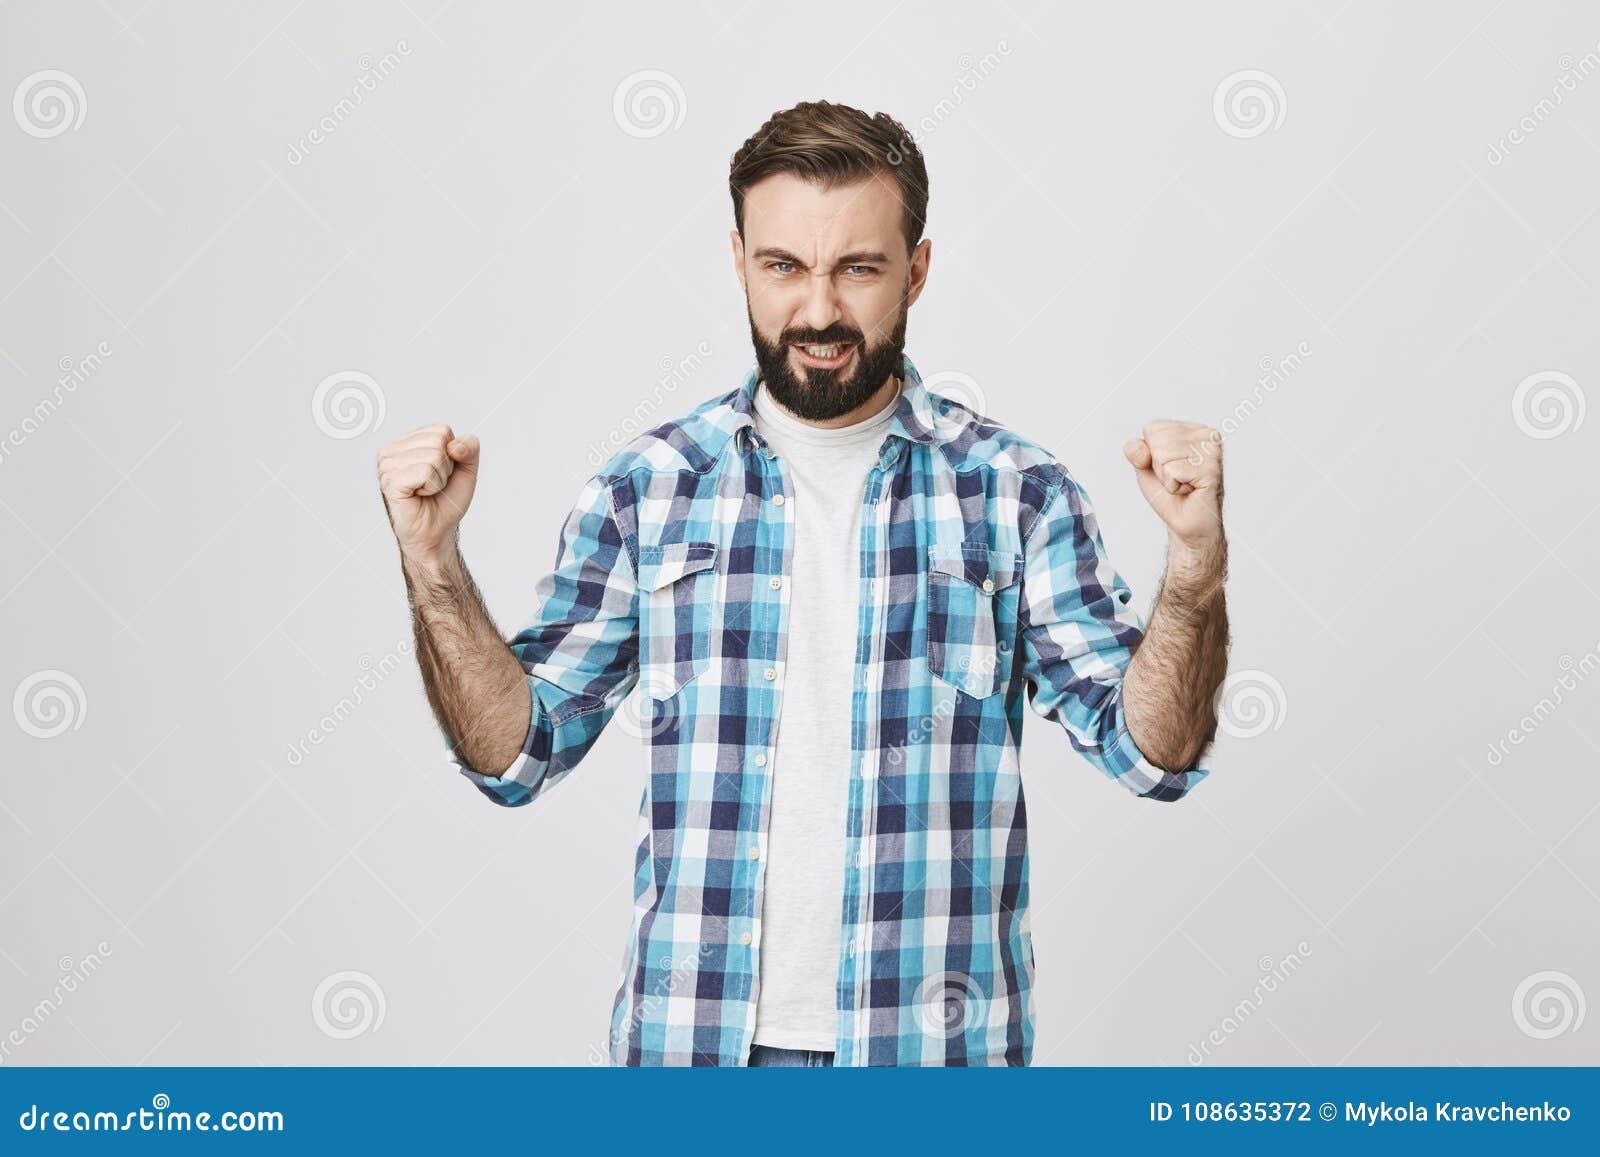 Retrato do homem adulto atlético considerável que mostra o poder e os músculos ao vestir a camisa de manta, estando sobre o cinza